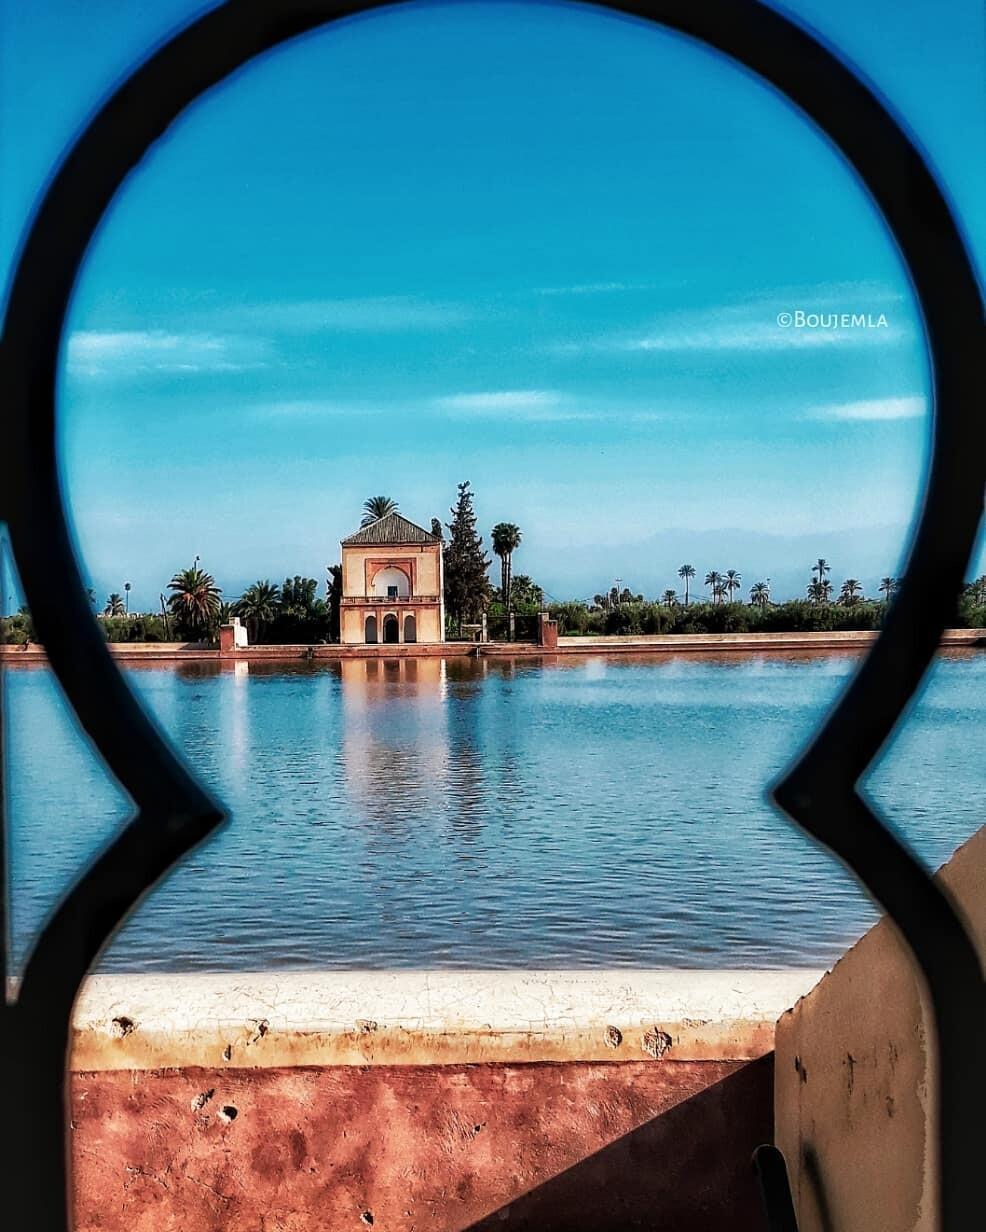 El menara de Marrakech